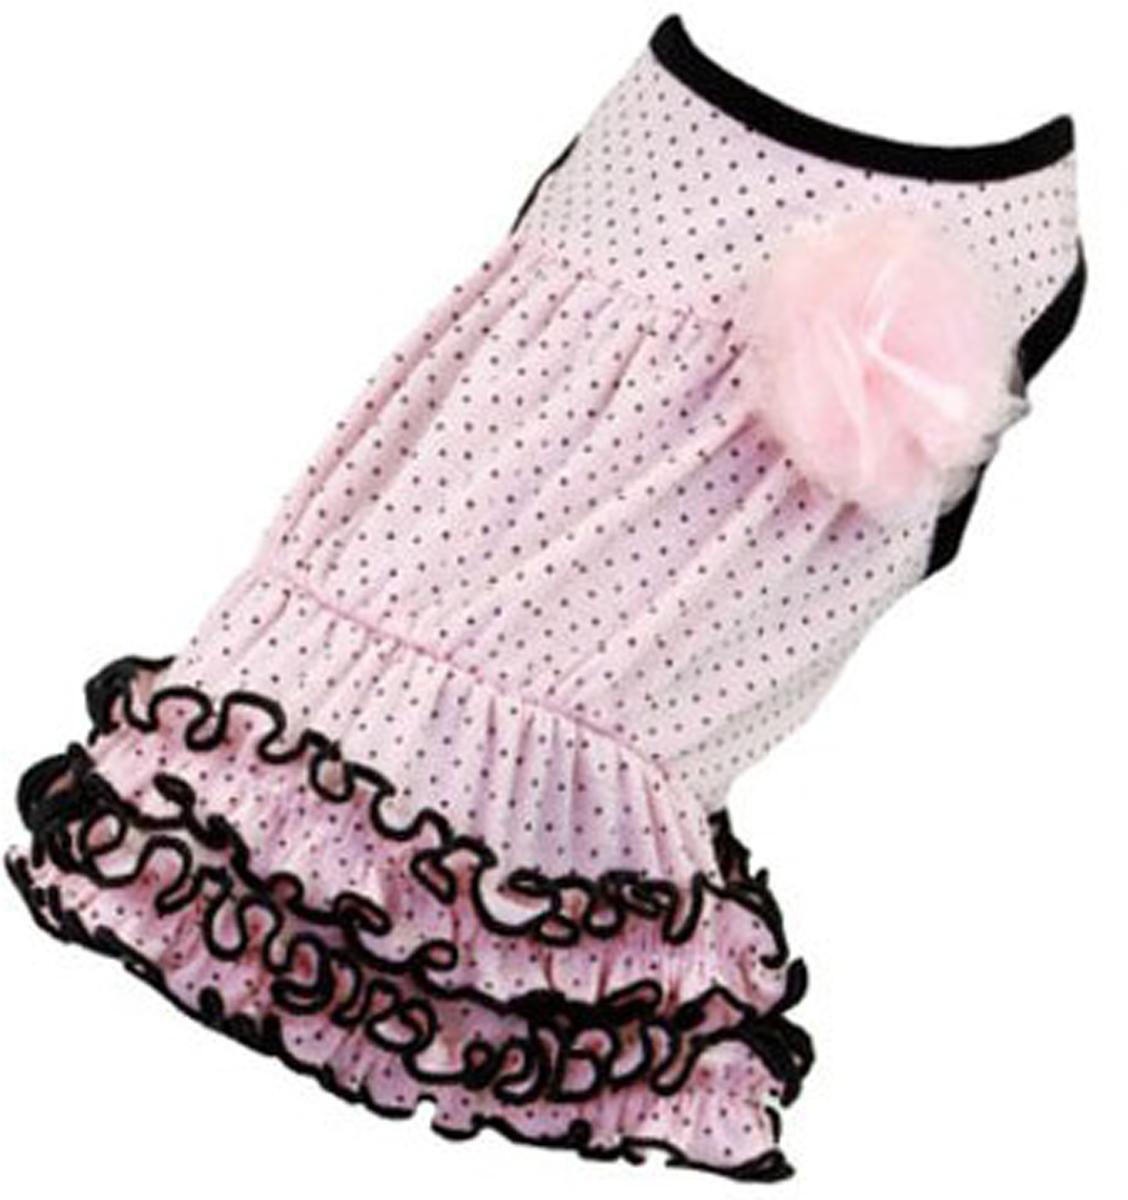 Платье для собак Dobaz, цвет: светло-розовый. ДА13019СЛ. Размер LДА13019СЛШикарное платье с принтом в горошек Dobaz выполнено из плотного хлопка. На спинке декоративная брошь-цветочек. Юбочка оформлена рюшами. Модель идеально сидит и не сковывает движения. В таком платье ваша собачка будет самой красивой на прогулке. Обхват шеи: 31 см.Обхват груди: 48 см.Длина спинки: 33 см.Одежда для собак: нужна ли она и как её выбрать. Статья OZON Гид